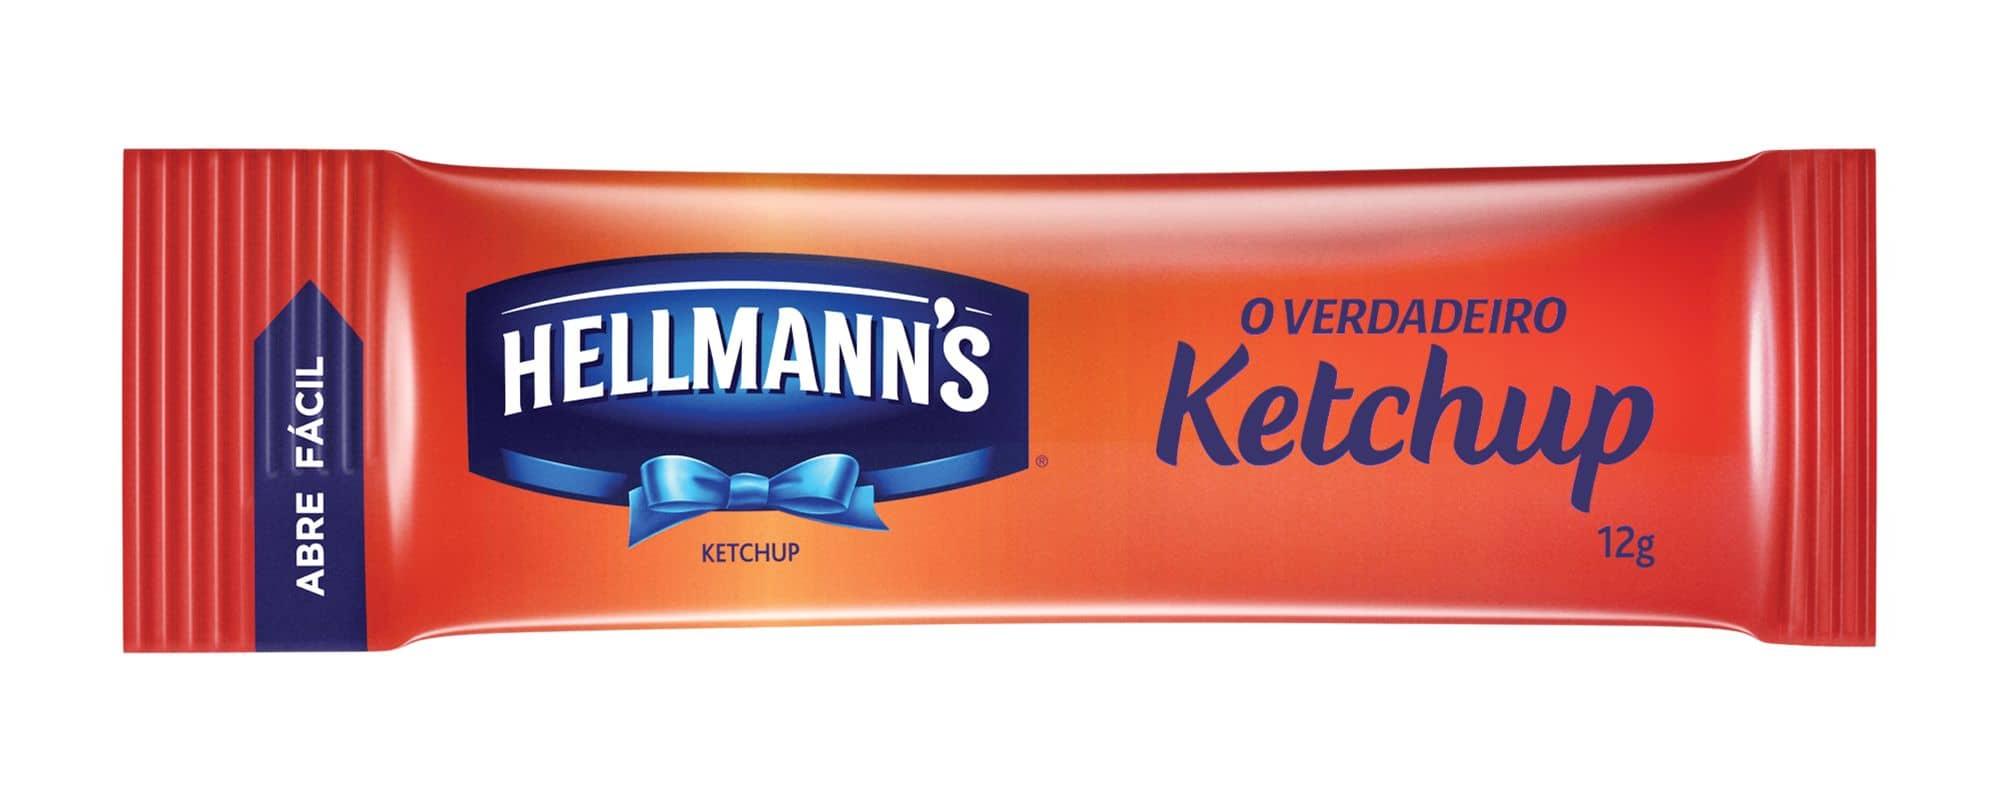 Ketchup_Hellmanns_sach_abre_fcil_12g_0000x0000_0